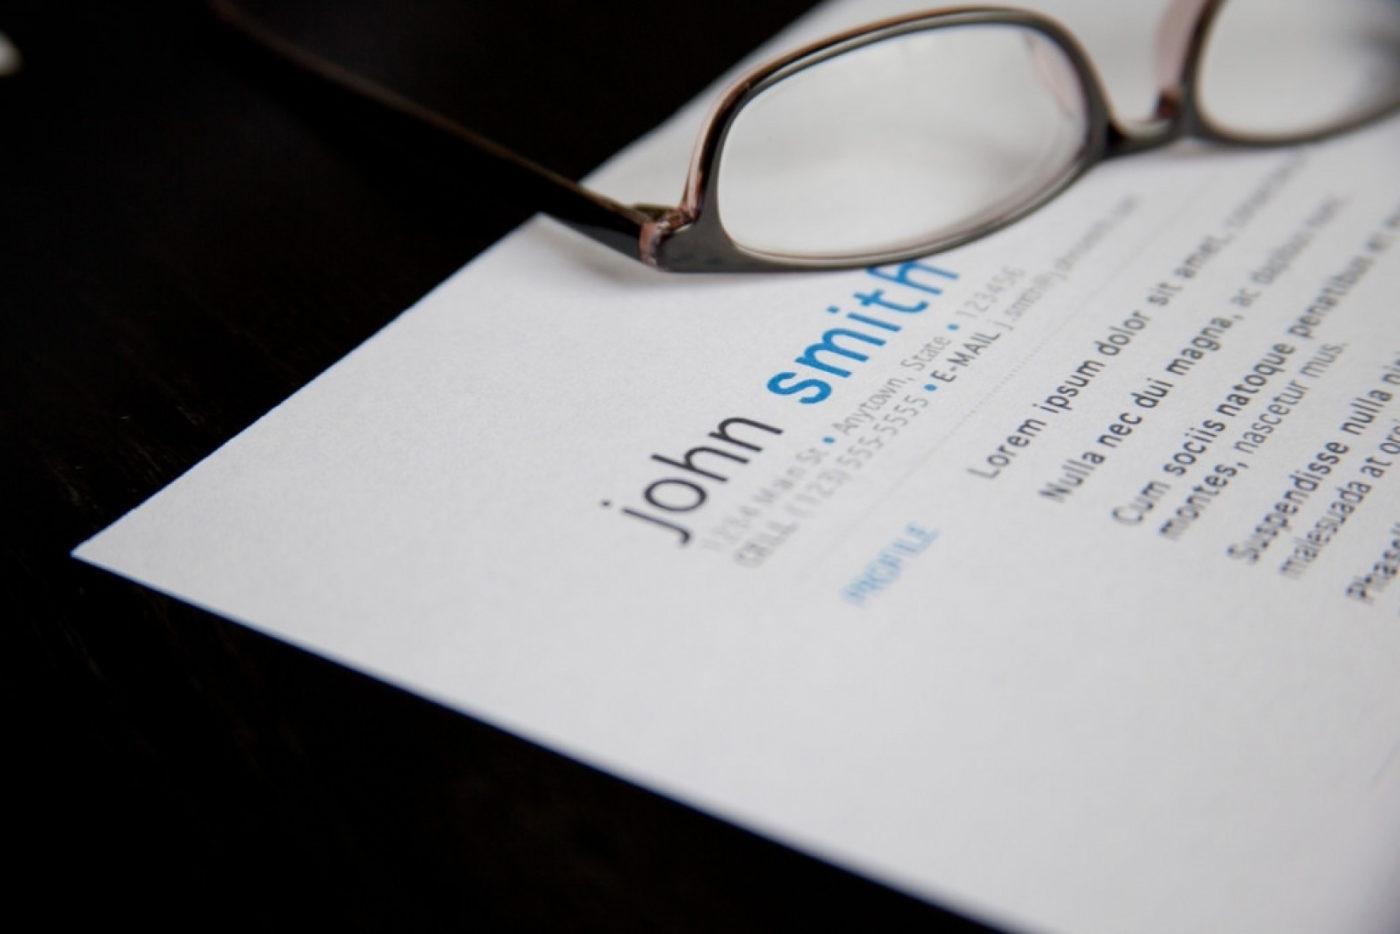 Статьи: Как получить первую работу в IT? Рекомендации по составлению резюме